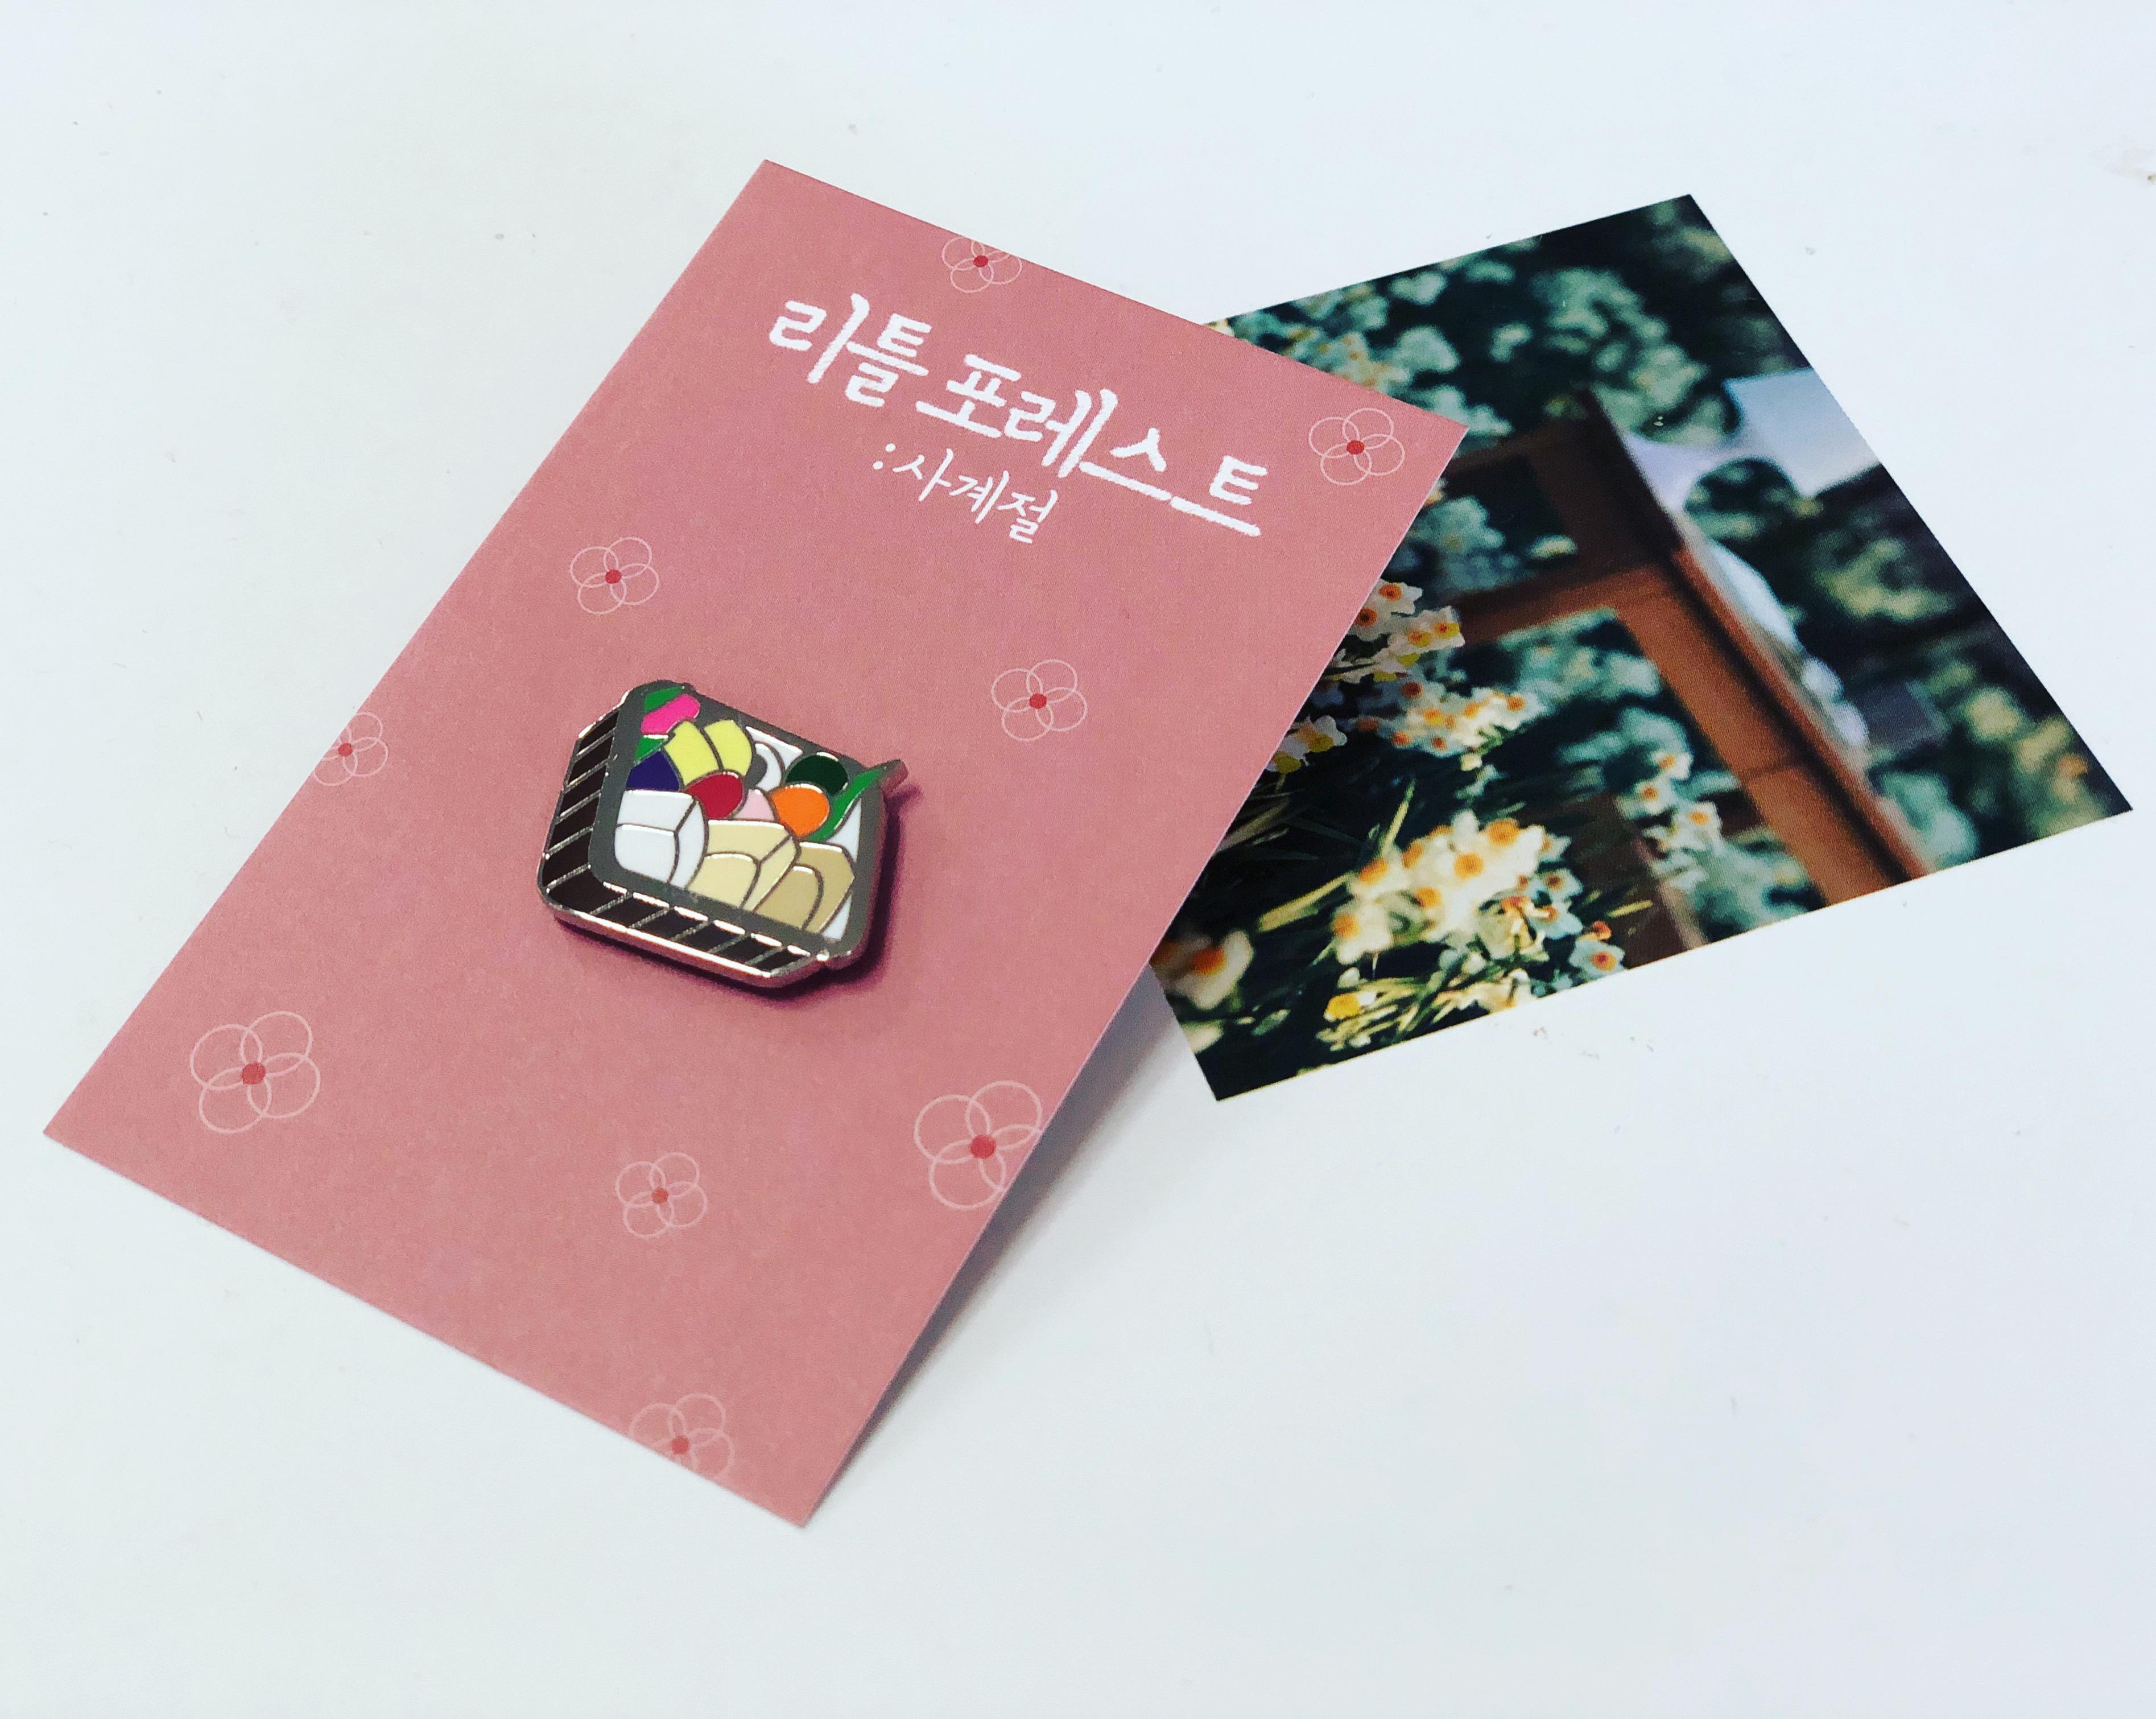 리틀 포레스트 사계절_뱃지(실물).jpeg